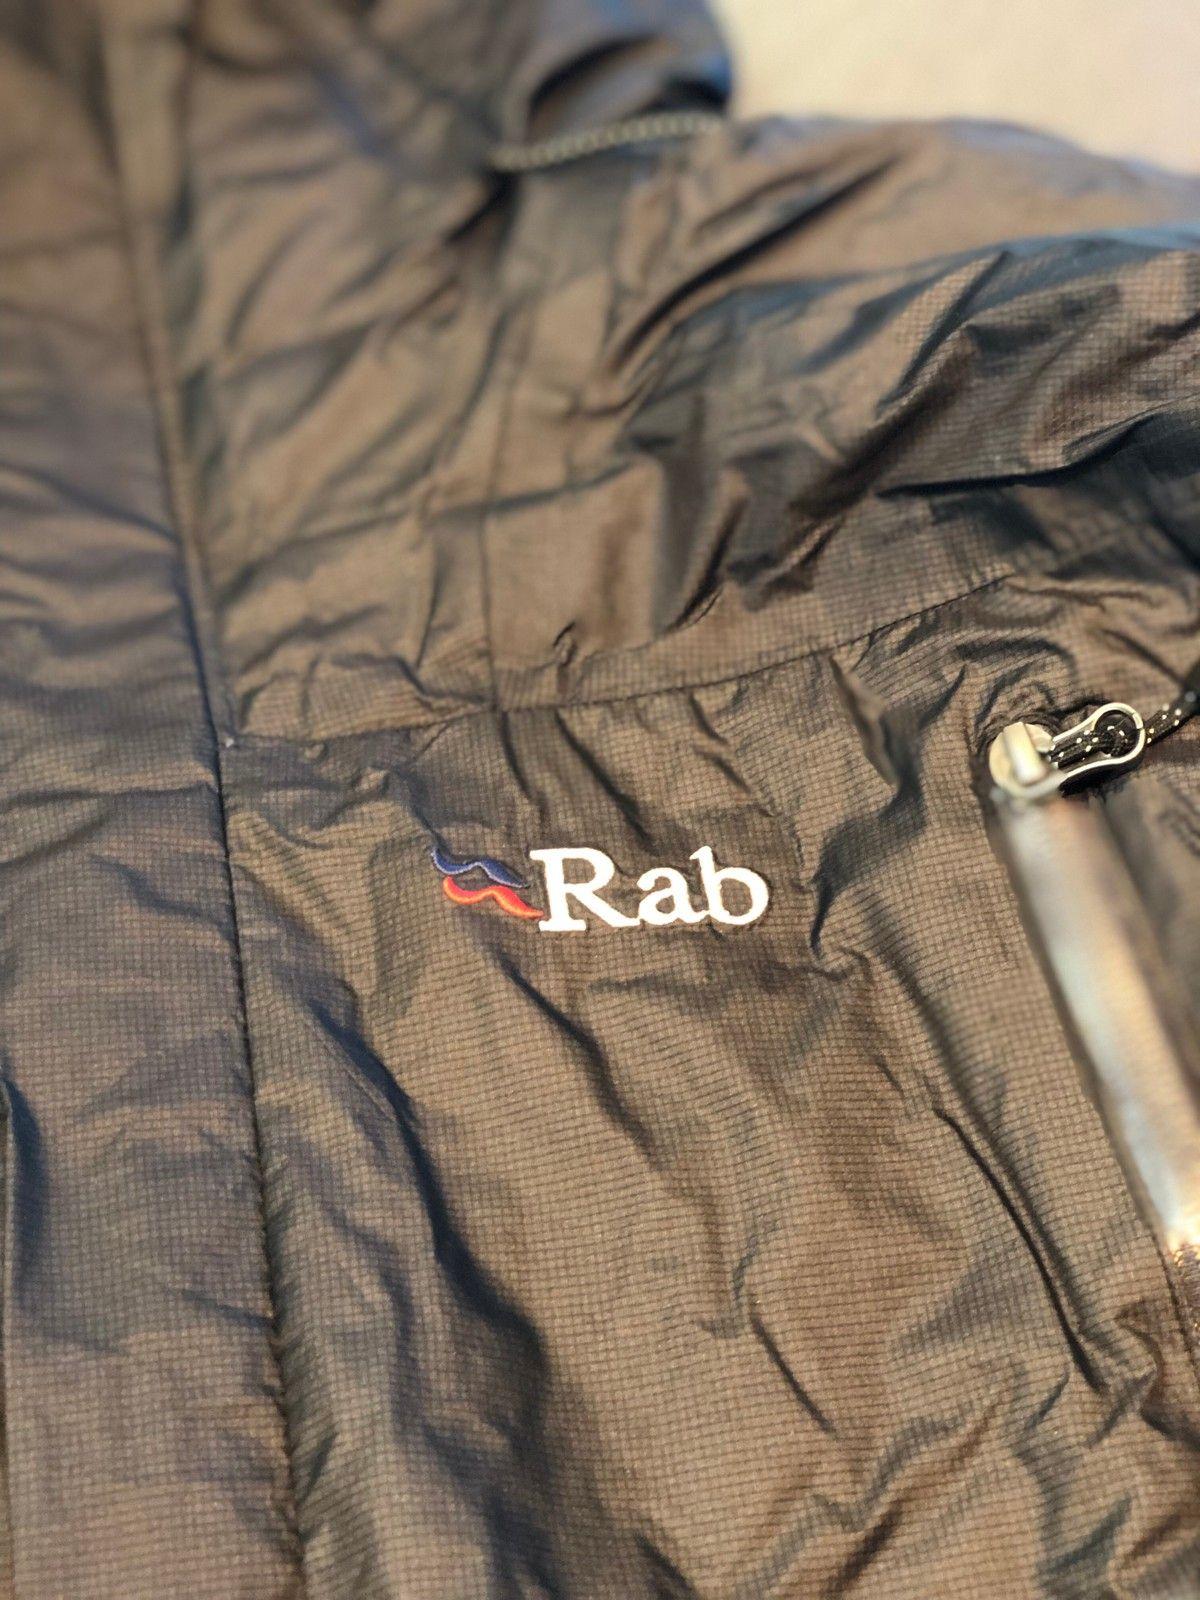 92387ea3 RAB Microlight Alpine jakke str S unisex modell | FINN.no